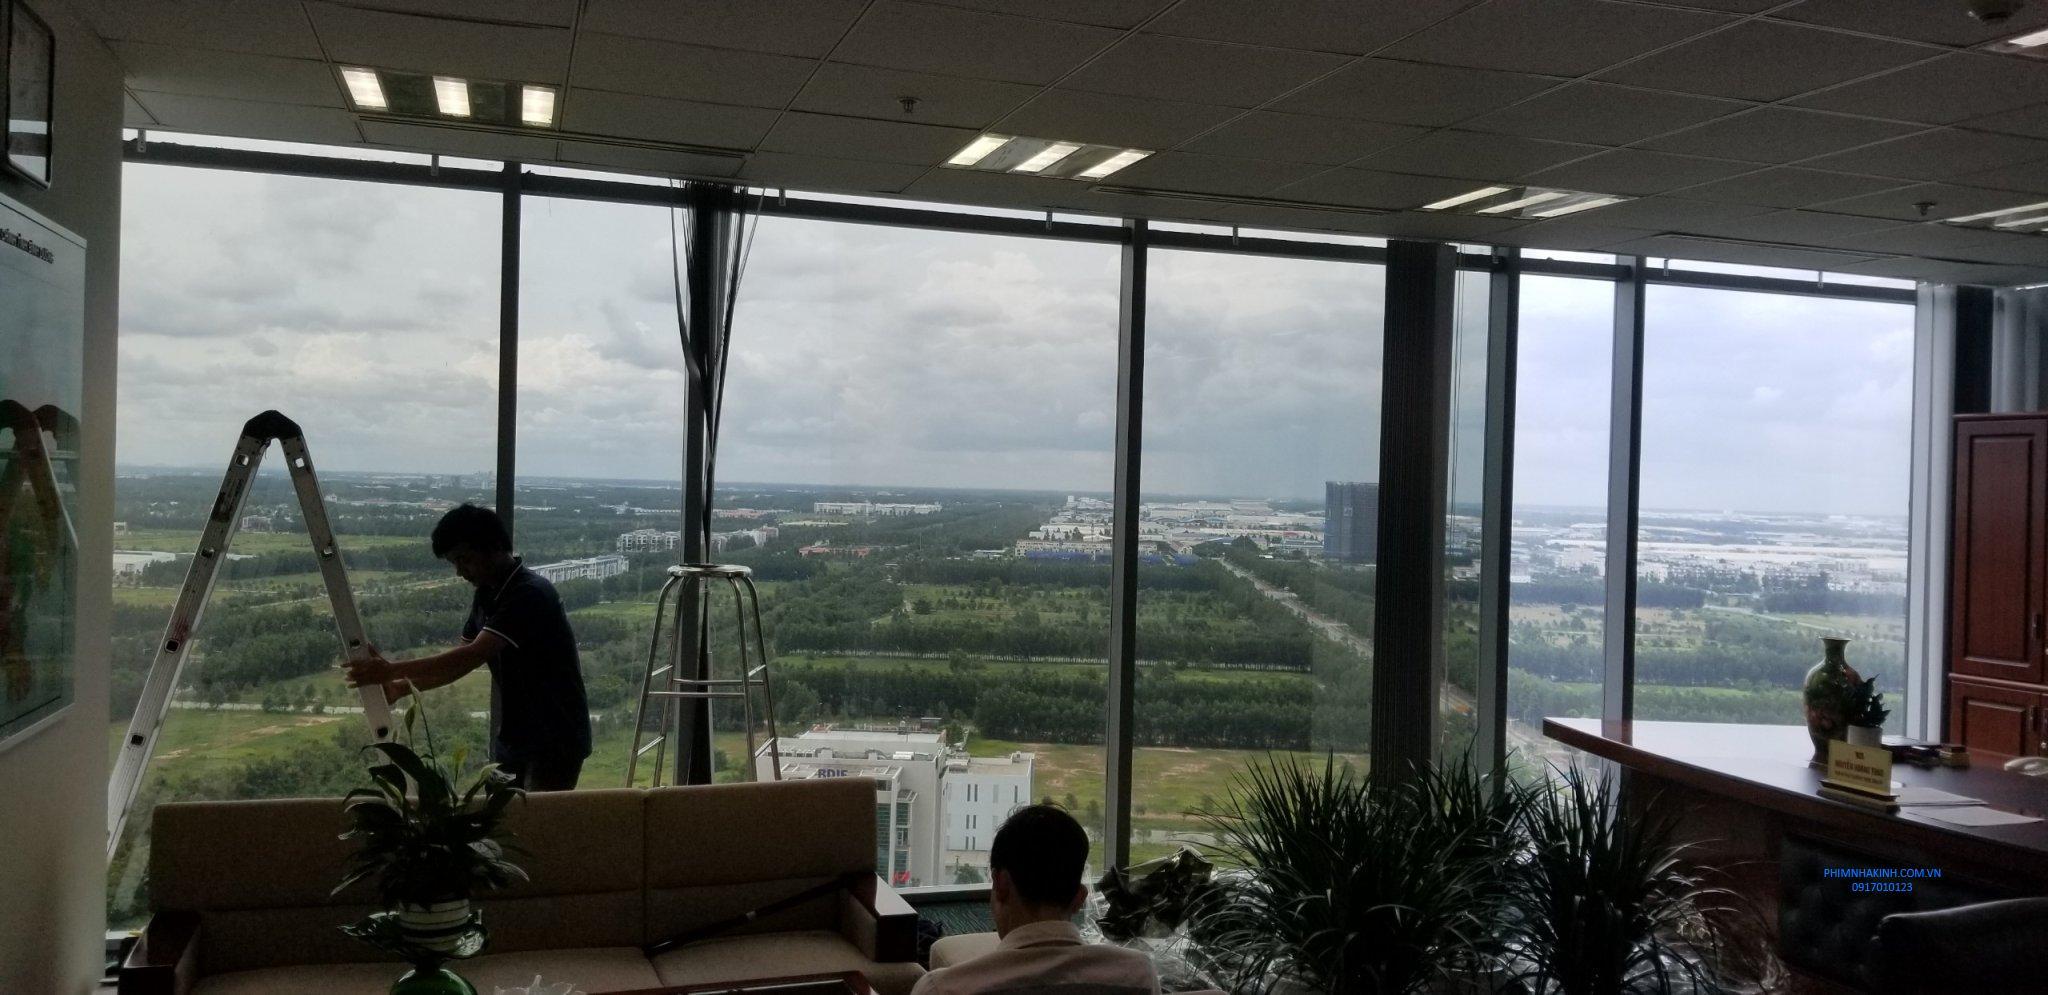 Thi công dán kính chống nắng cho TT Hành chính thành phố mới Bình Dương